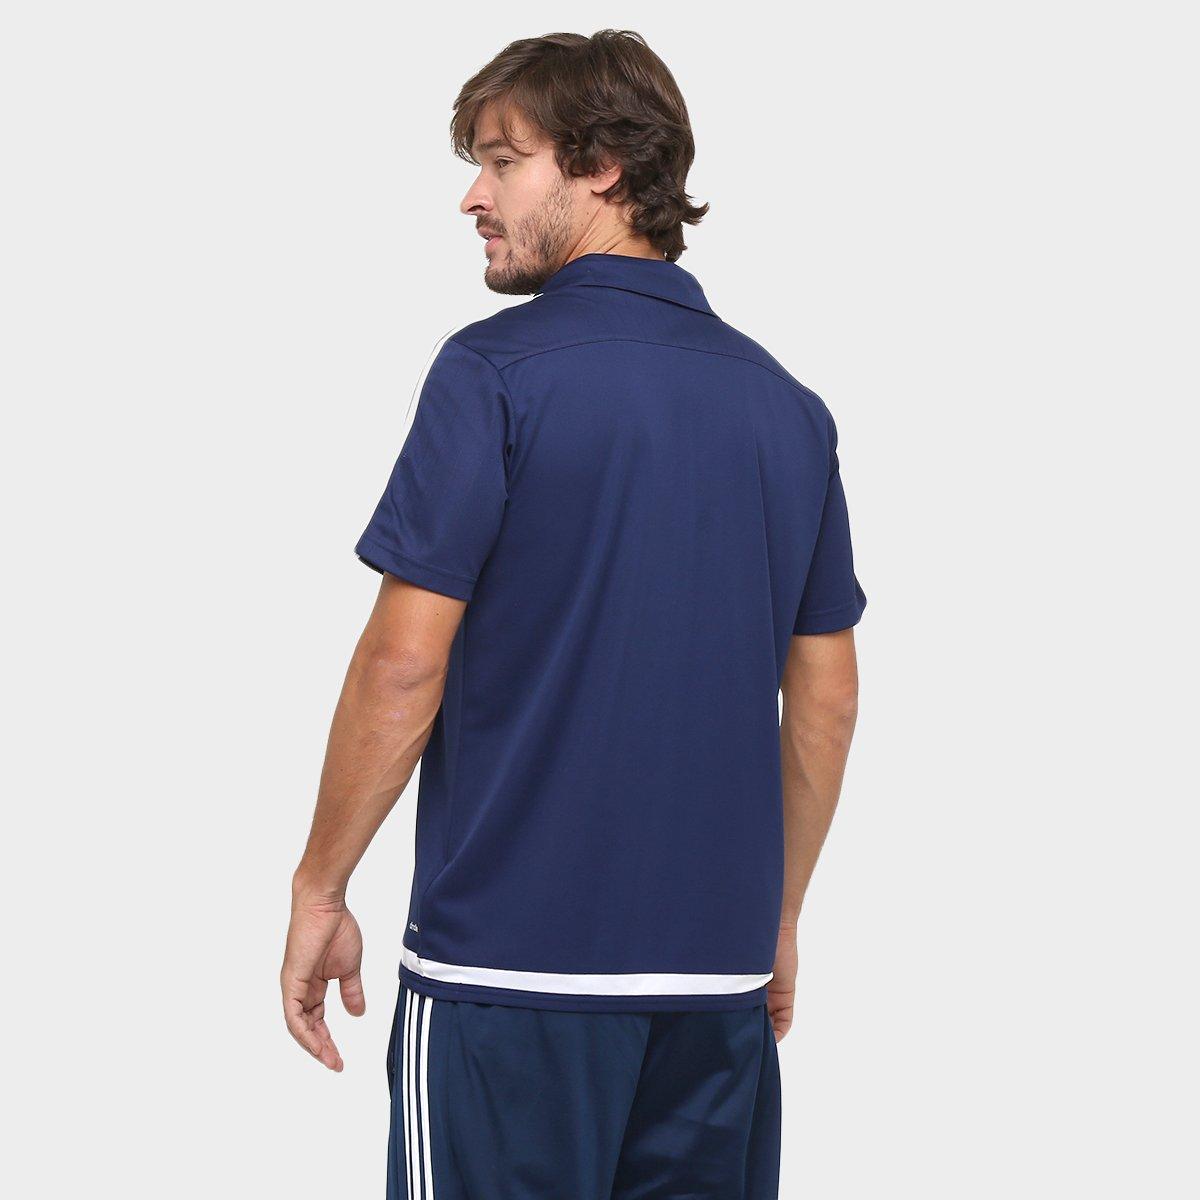 Camisa Polo Adidas Tiro 15 Viagem Masculina - Compre Agora  684ff6b931a90